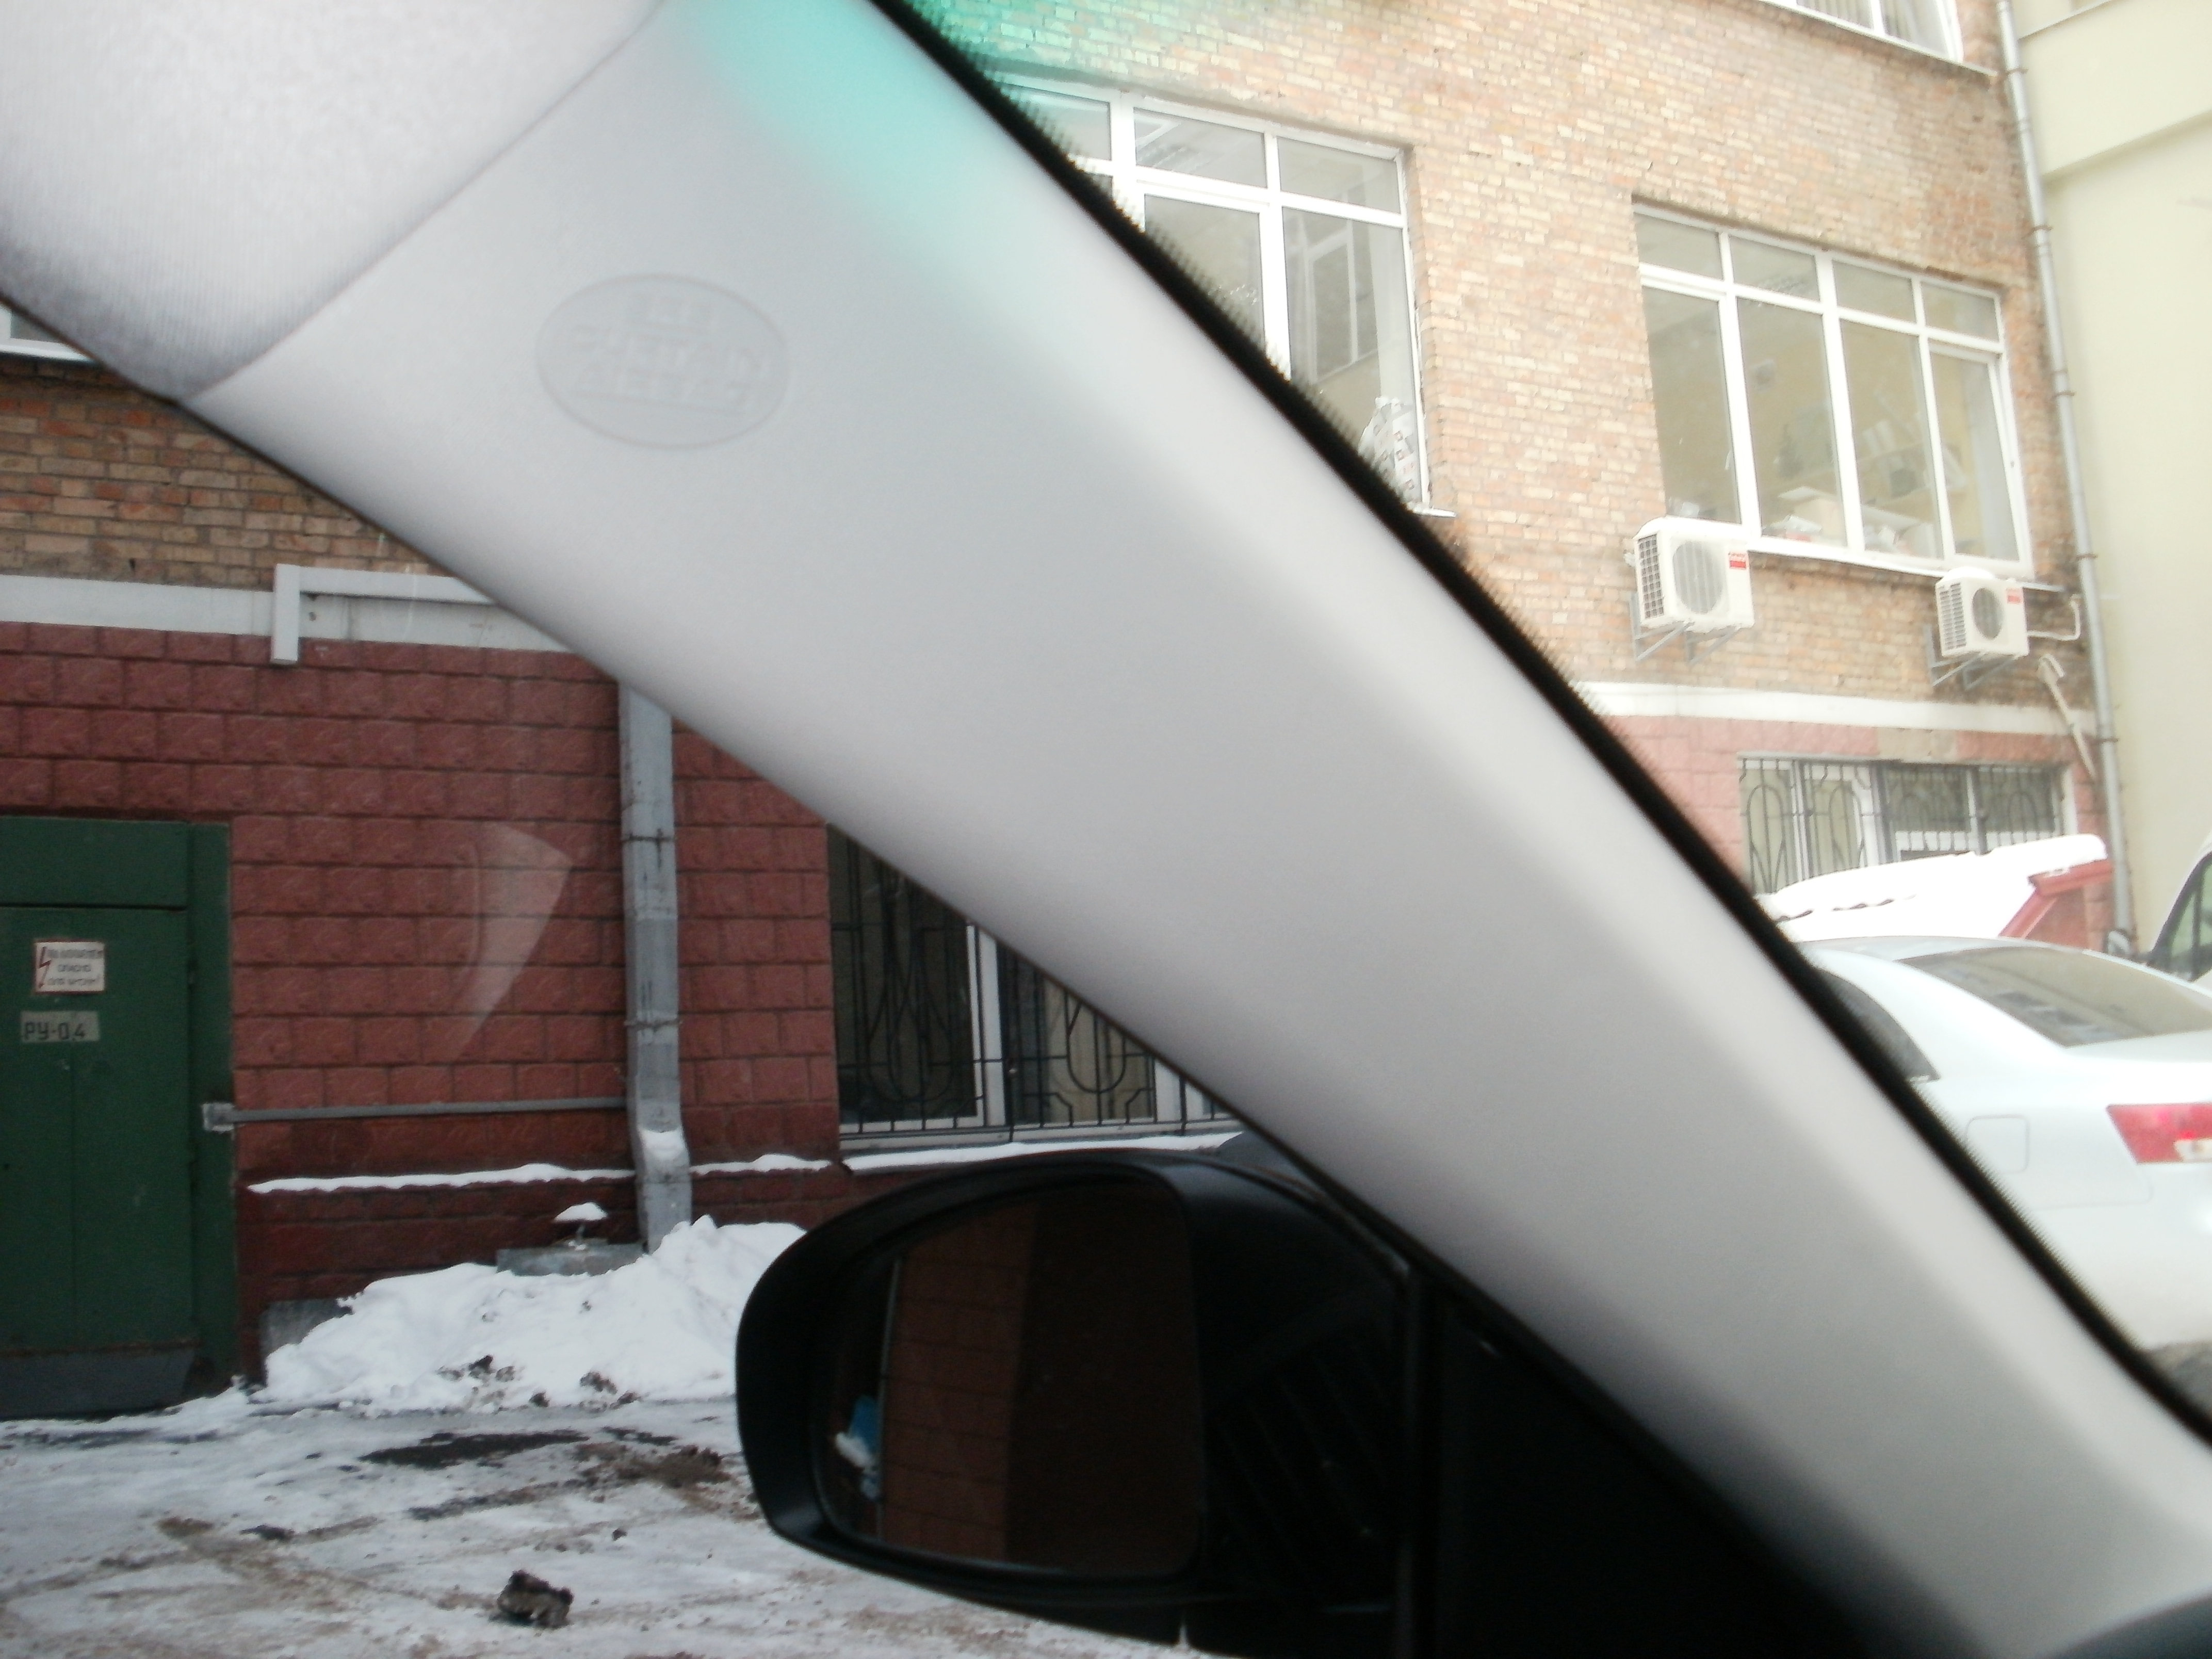 тонировка автомобиля тойота камри